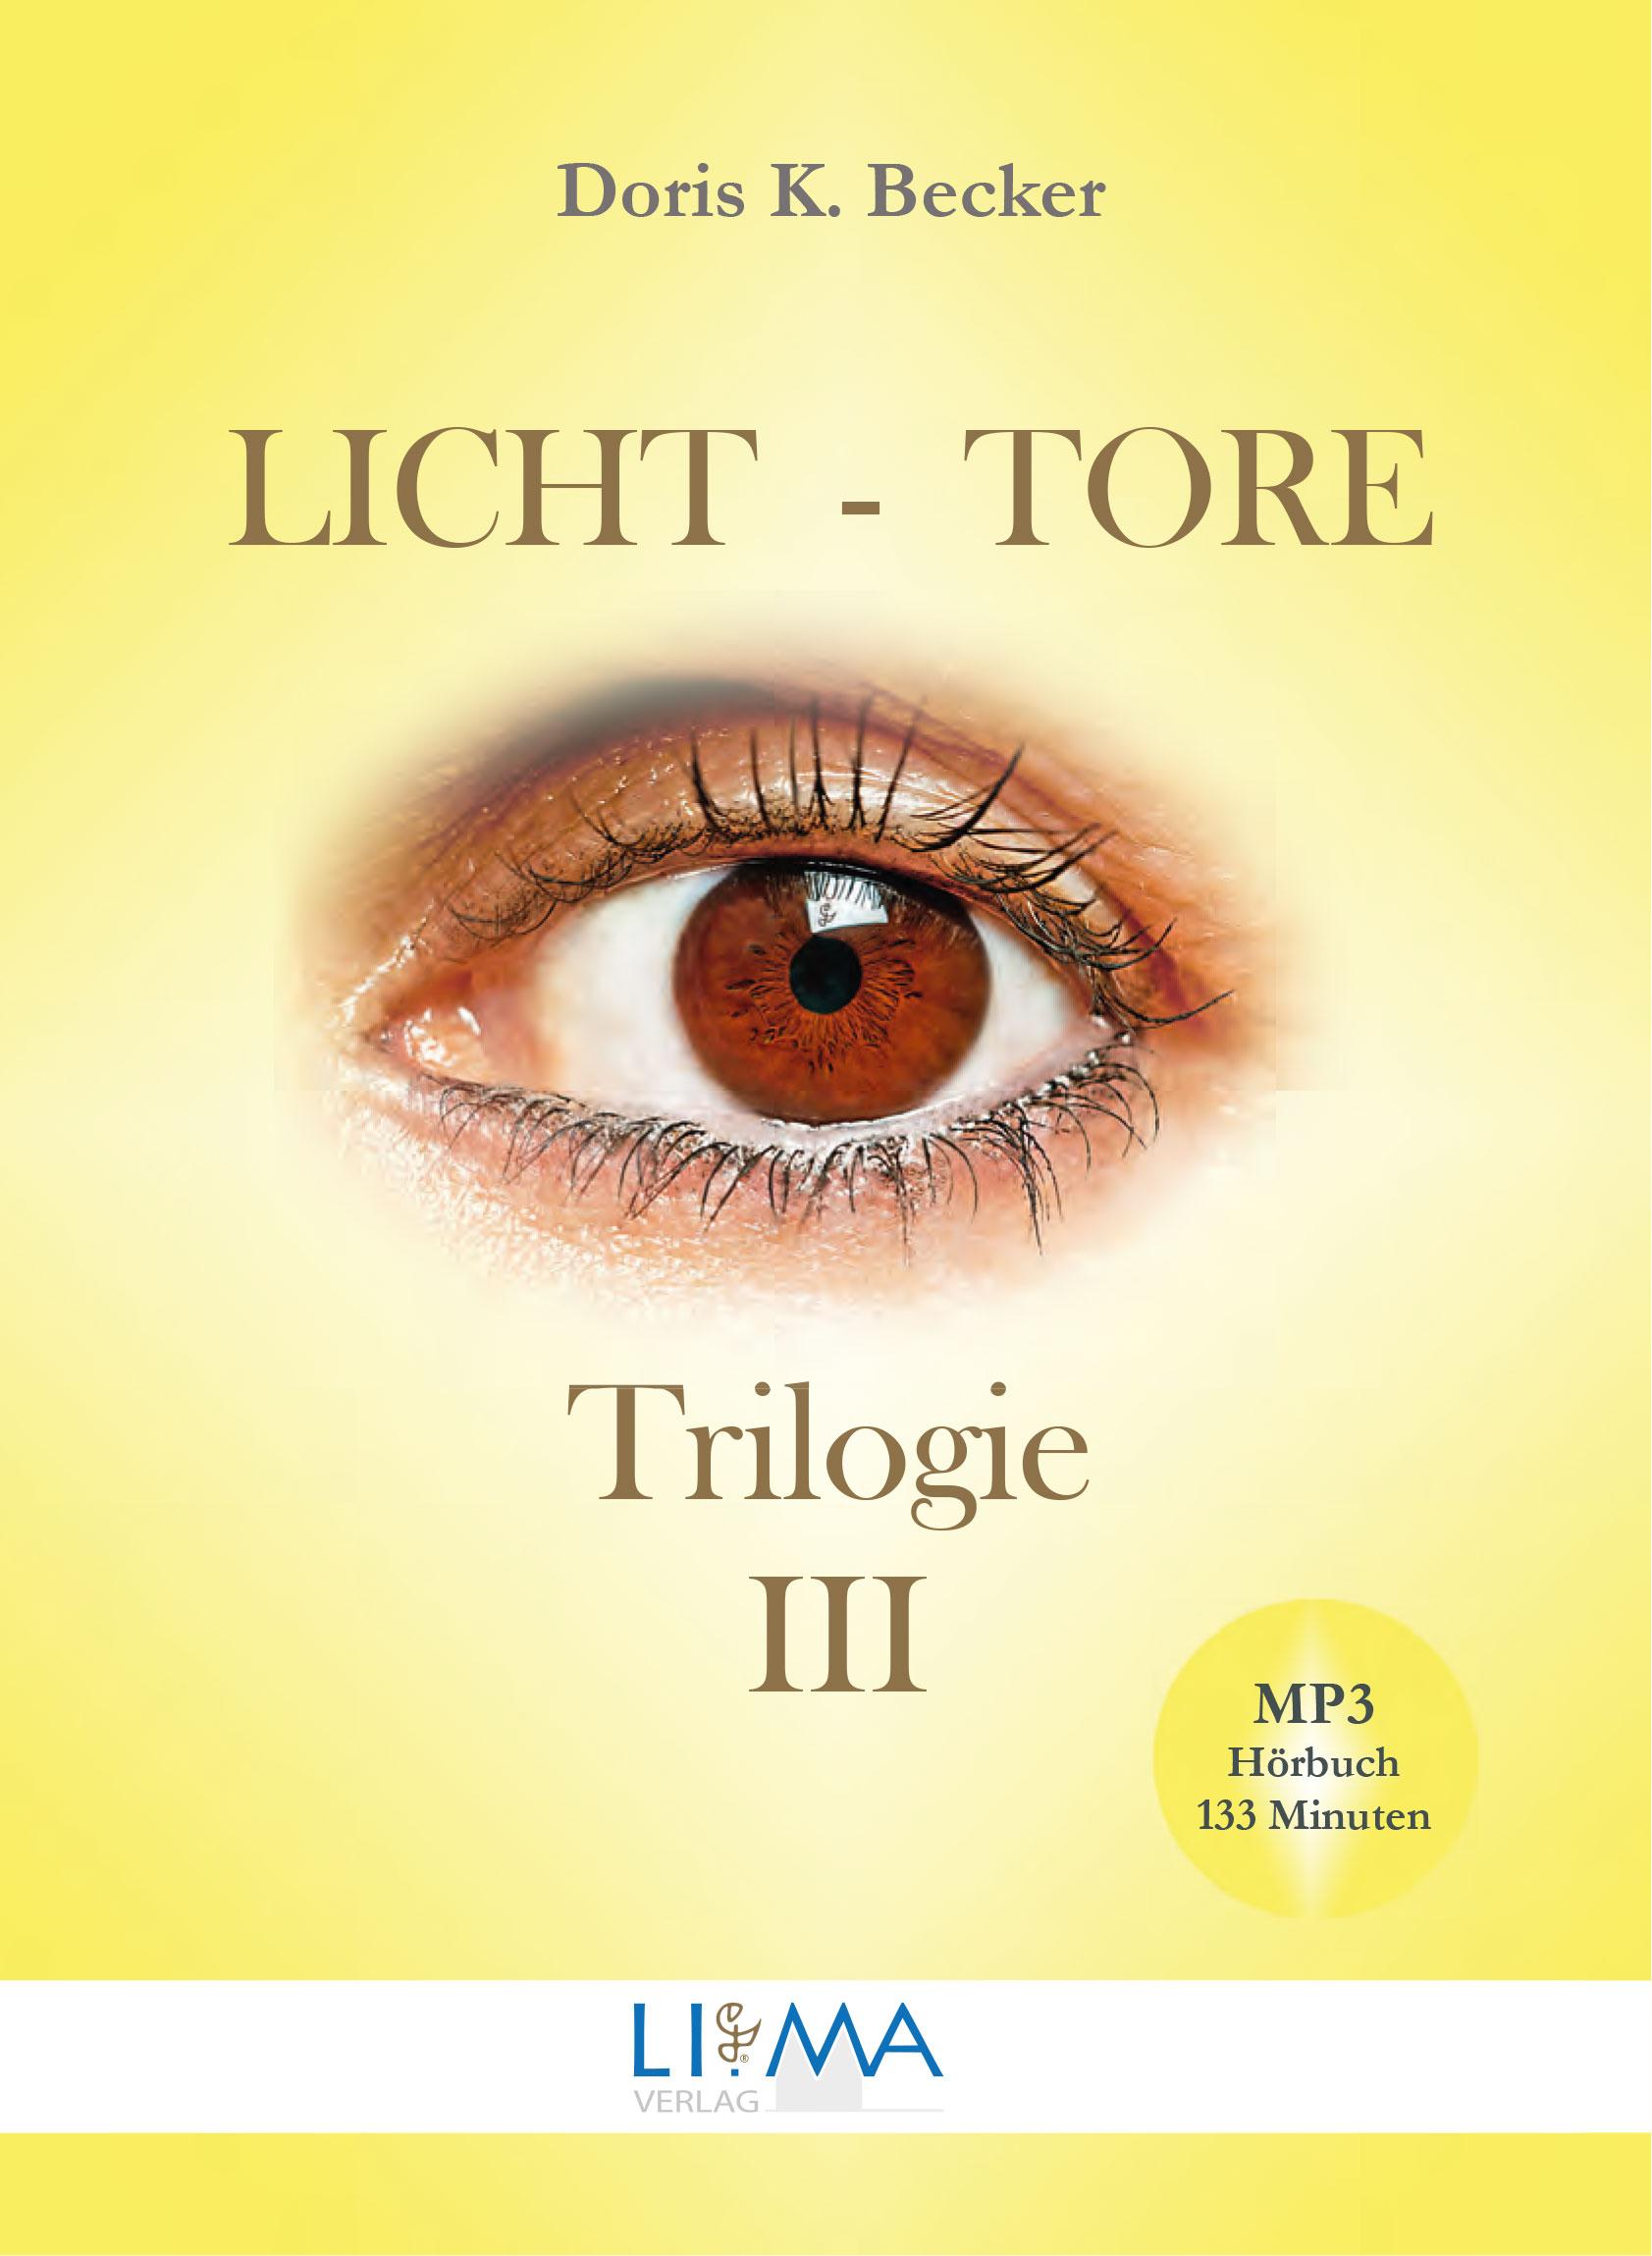 Licht-Tore Trilogie III von Doris K. Becker